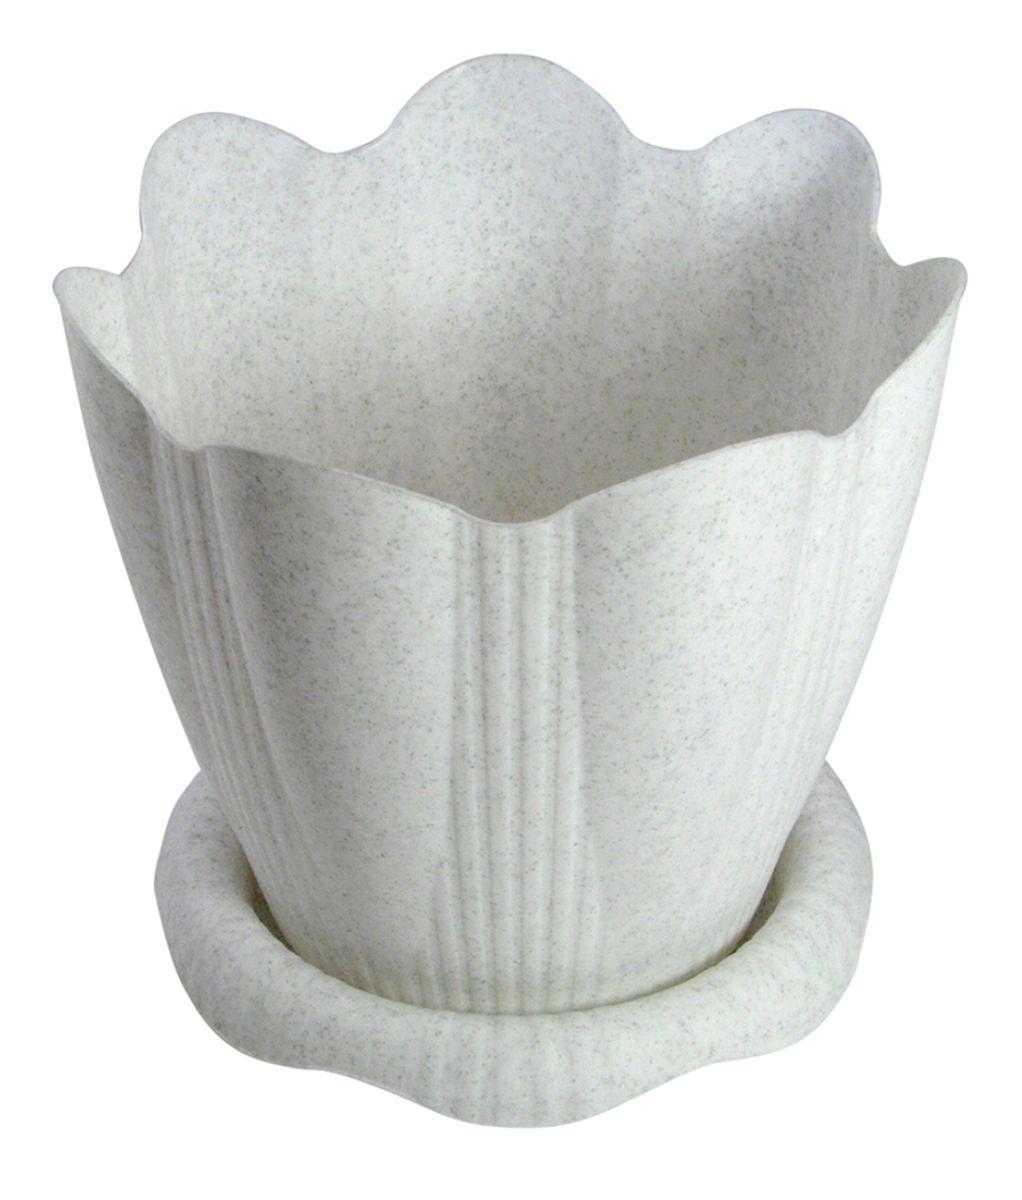 Горшок для цветов Martika Эдельвейс, с поддоном, цвет: мрамор, 3 лMRC192MЛюбой, даже самый современный и продуманный интерьер будет не завершенным без растений. Они не только очищают воздух и насыщают его кислородом, но и заметно украшают окружающее пространство. Такому полезному члену семьи просто необходимо красивое и функциональное кашпо, оригинальный горшок или необычная ваза! Мы предлагаем - Горшок Эдельвейс с поддоном 3 л d=20 см, цвет мрамор! Оптимальный выбор материала - это пластмасса! Почему мы так считаем? Малый вес. С легкостью переносите горшки и кашпо с места на место, ставьте их на столики или полки, подвешивайте под потолок, не беспокоясь о нагрузке. Простота ухода. Пластиковые изделия не нуждаются в специальных условиях хранения. Их легко чистить достаточно просто сполоснуть теплой водой. Никаких царапин. Пластиковые кашпо не царапают и не загрязняют поверхности, на которых стоят. Пластик дольше хранит влагу, а значит растение реже нуждается в поливе. Пластмасса не пропускает воздух корневой системе растения не грозят резкие перепады температур. Огромный выбор форм, декора и расцветок вы без труда подберете что-то, что идеально впишется в уже существующий интерьер. Соблюдая нехитрые правила ухода, вы можете заметно продлить срок службы горшков, вазонов и кашпо из пластика: всегда учитывайте размер кроны и корневой системы растения (при разрастании большое растение способно повредить маленький горшок) берегите изделие от воздействия прямых солнечных лучей, чтобы кашпо и горшки не выцветали держите кашпо и горшки из пластика подальше от нагревающихся поверхностей. Создавайте прекрасные цветочные композиции, выращивайте рассаду или необычные растения, а низкие цены позволят вам не ограничивать себя в выборе.